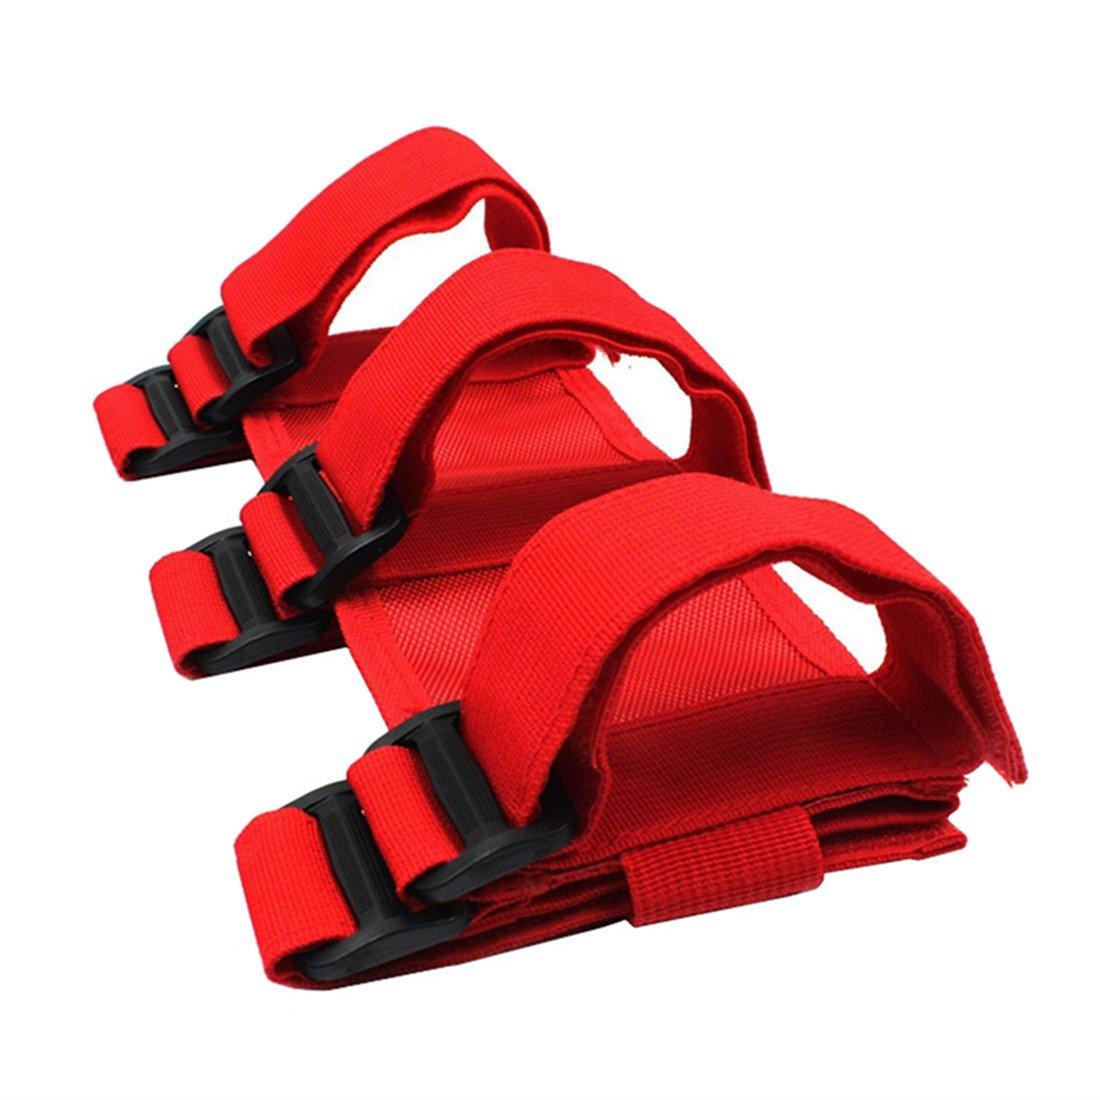 iFJF Adjustable Roll Bar 3 lb Fire Extinguisher Holder for 2007 2018 Wrangler JK Car Truck UTV MINGLI Vehicle Extinguisher Strap Mount Bracket Strap Red